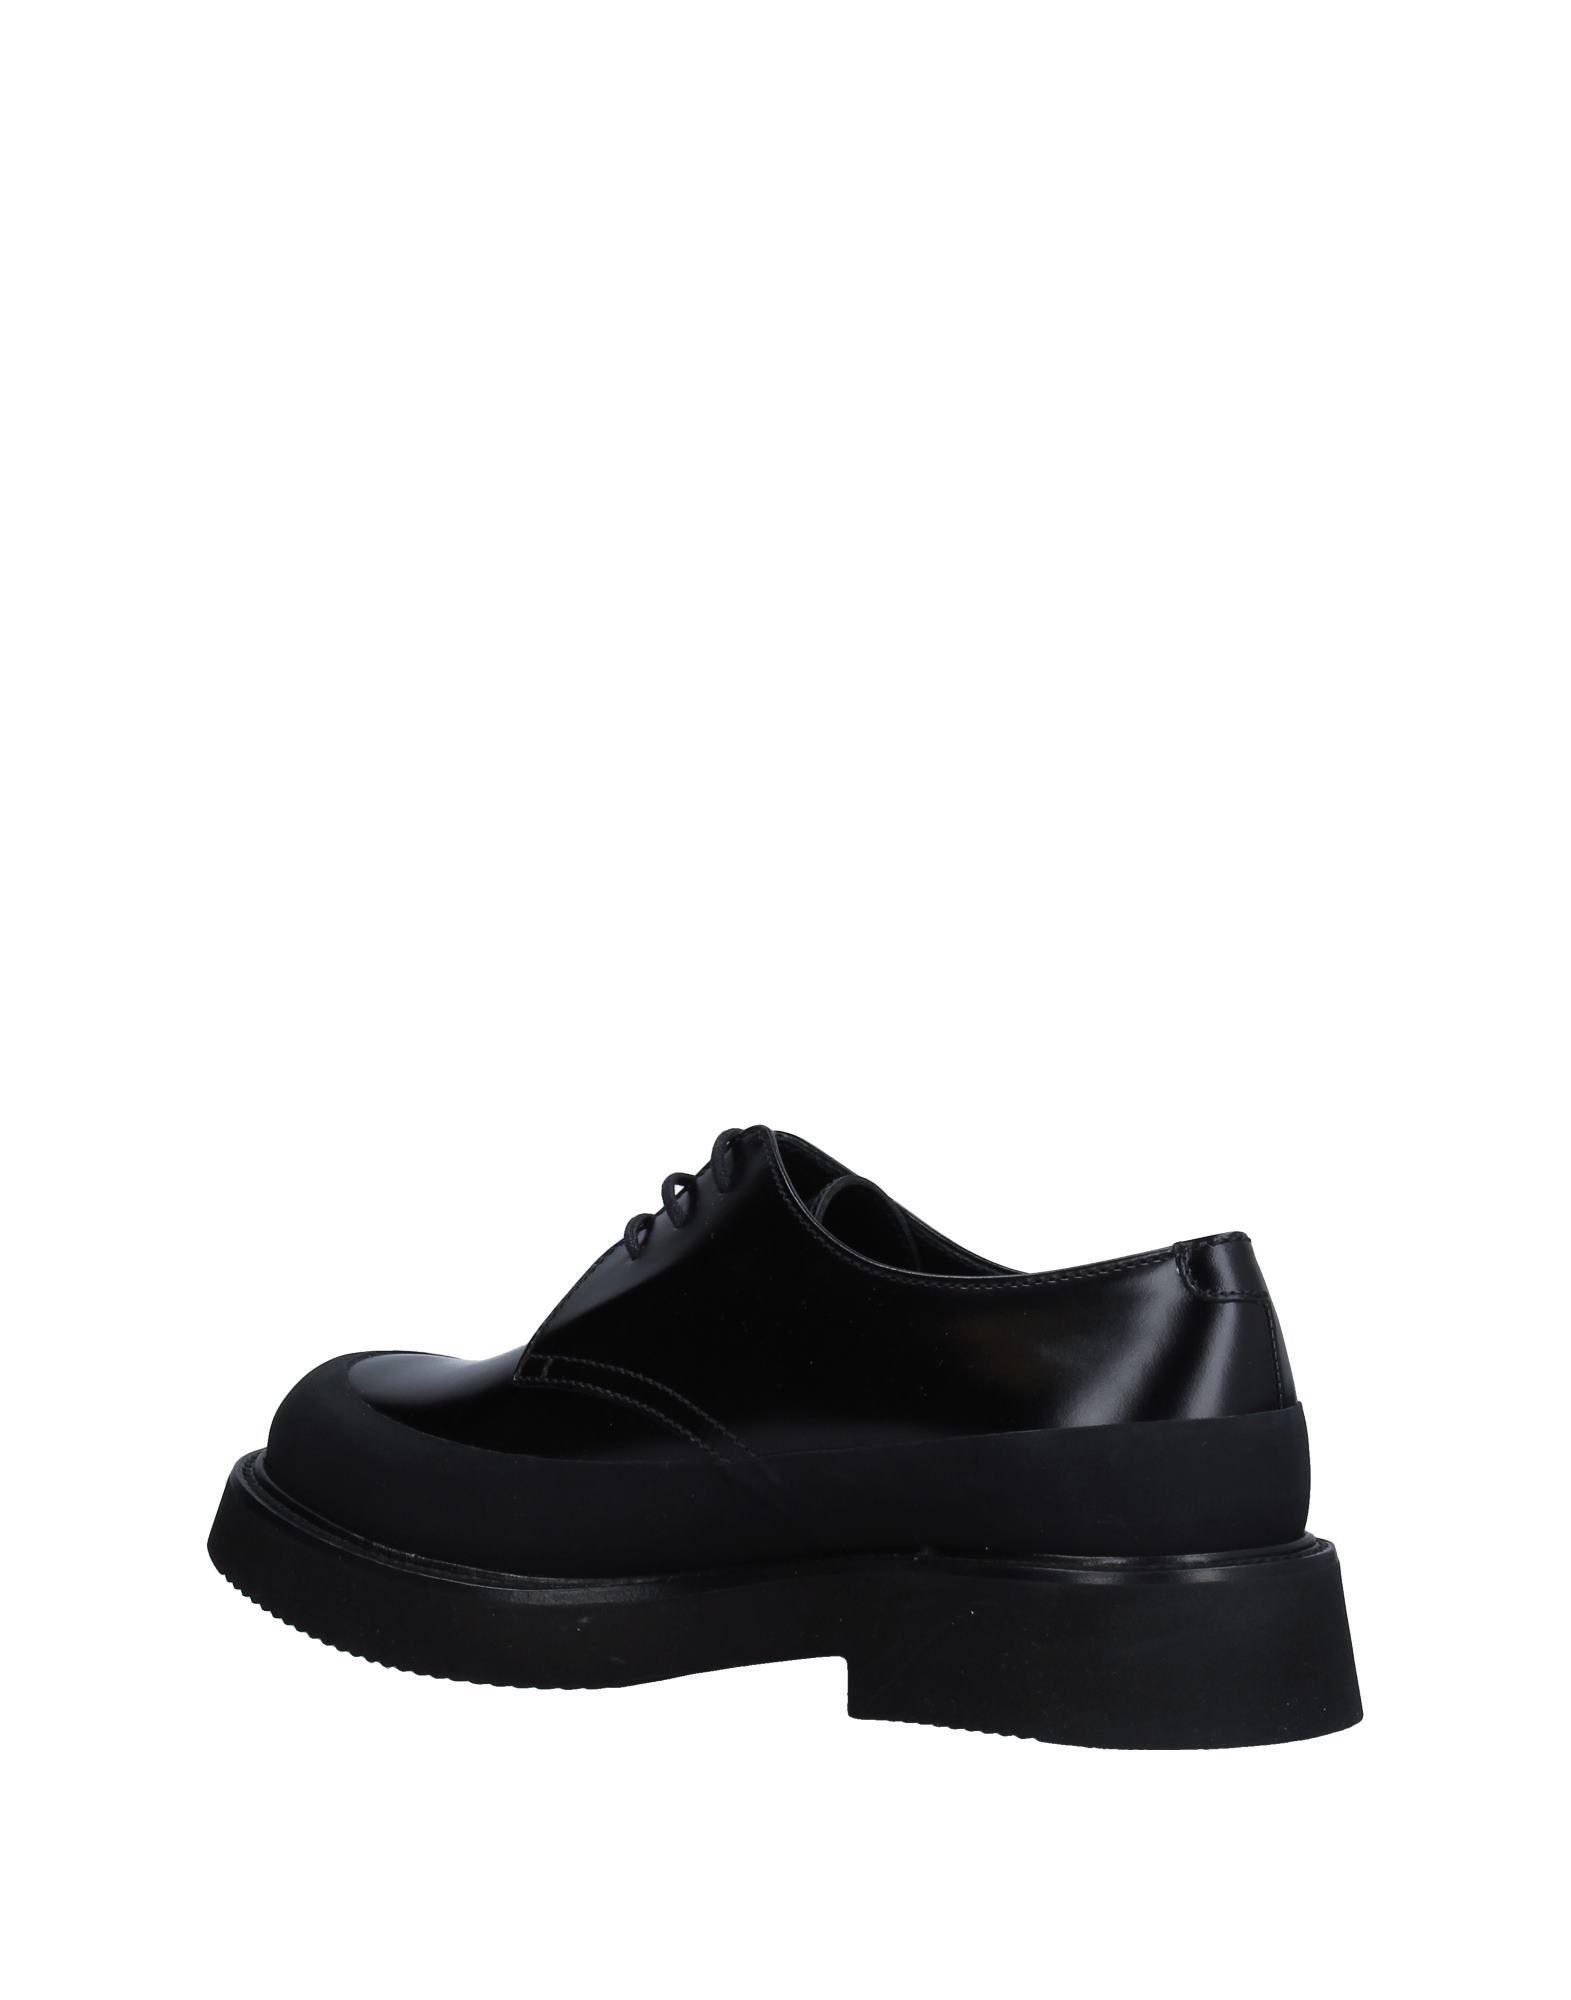 Céline Schnürschuhe Damen  11247707KGGünstige Schuhe gut aussehende Schuhe 11247707KGGünstige ed322a